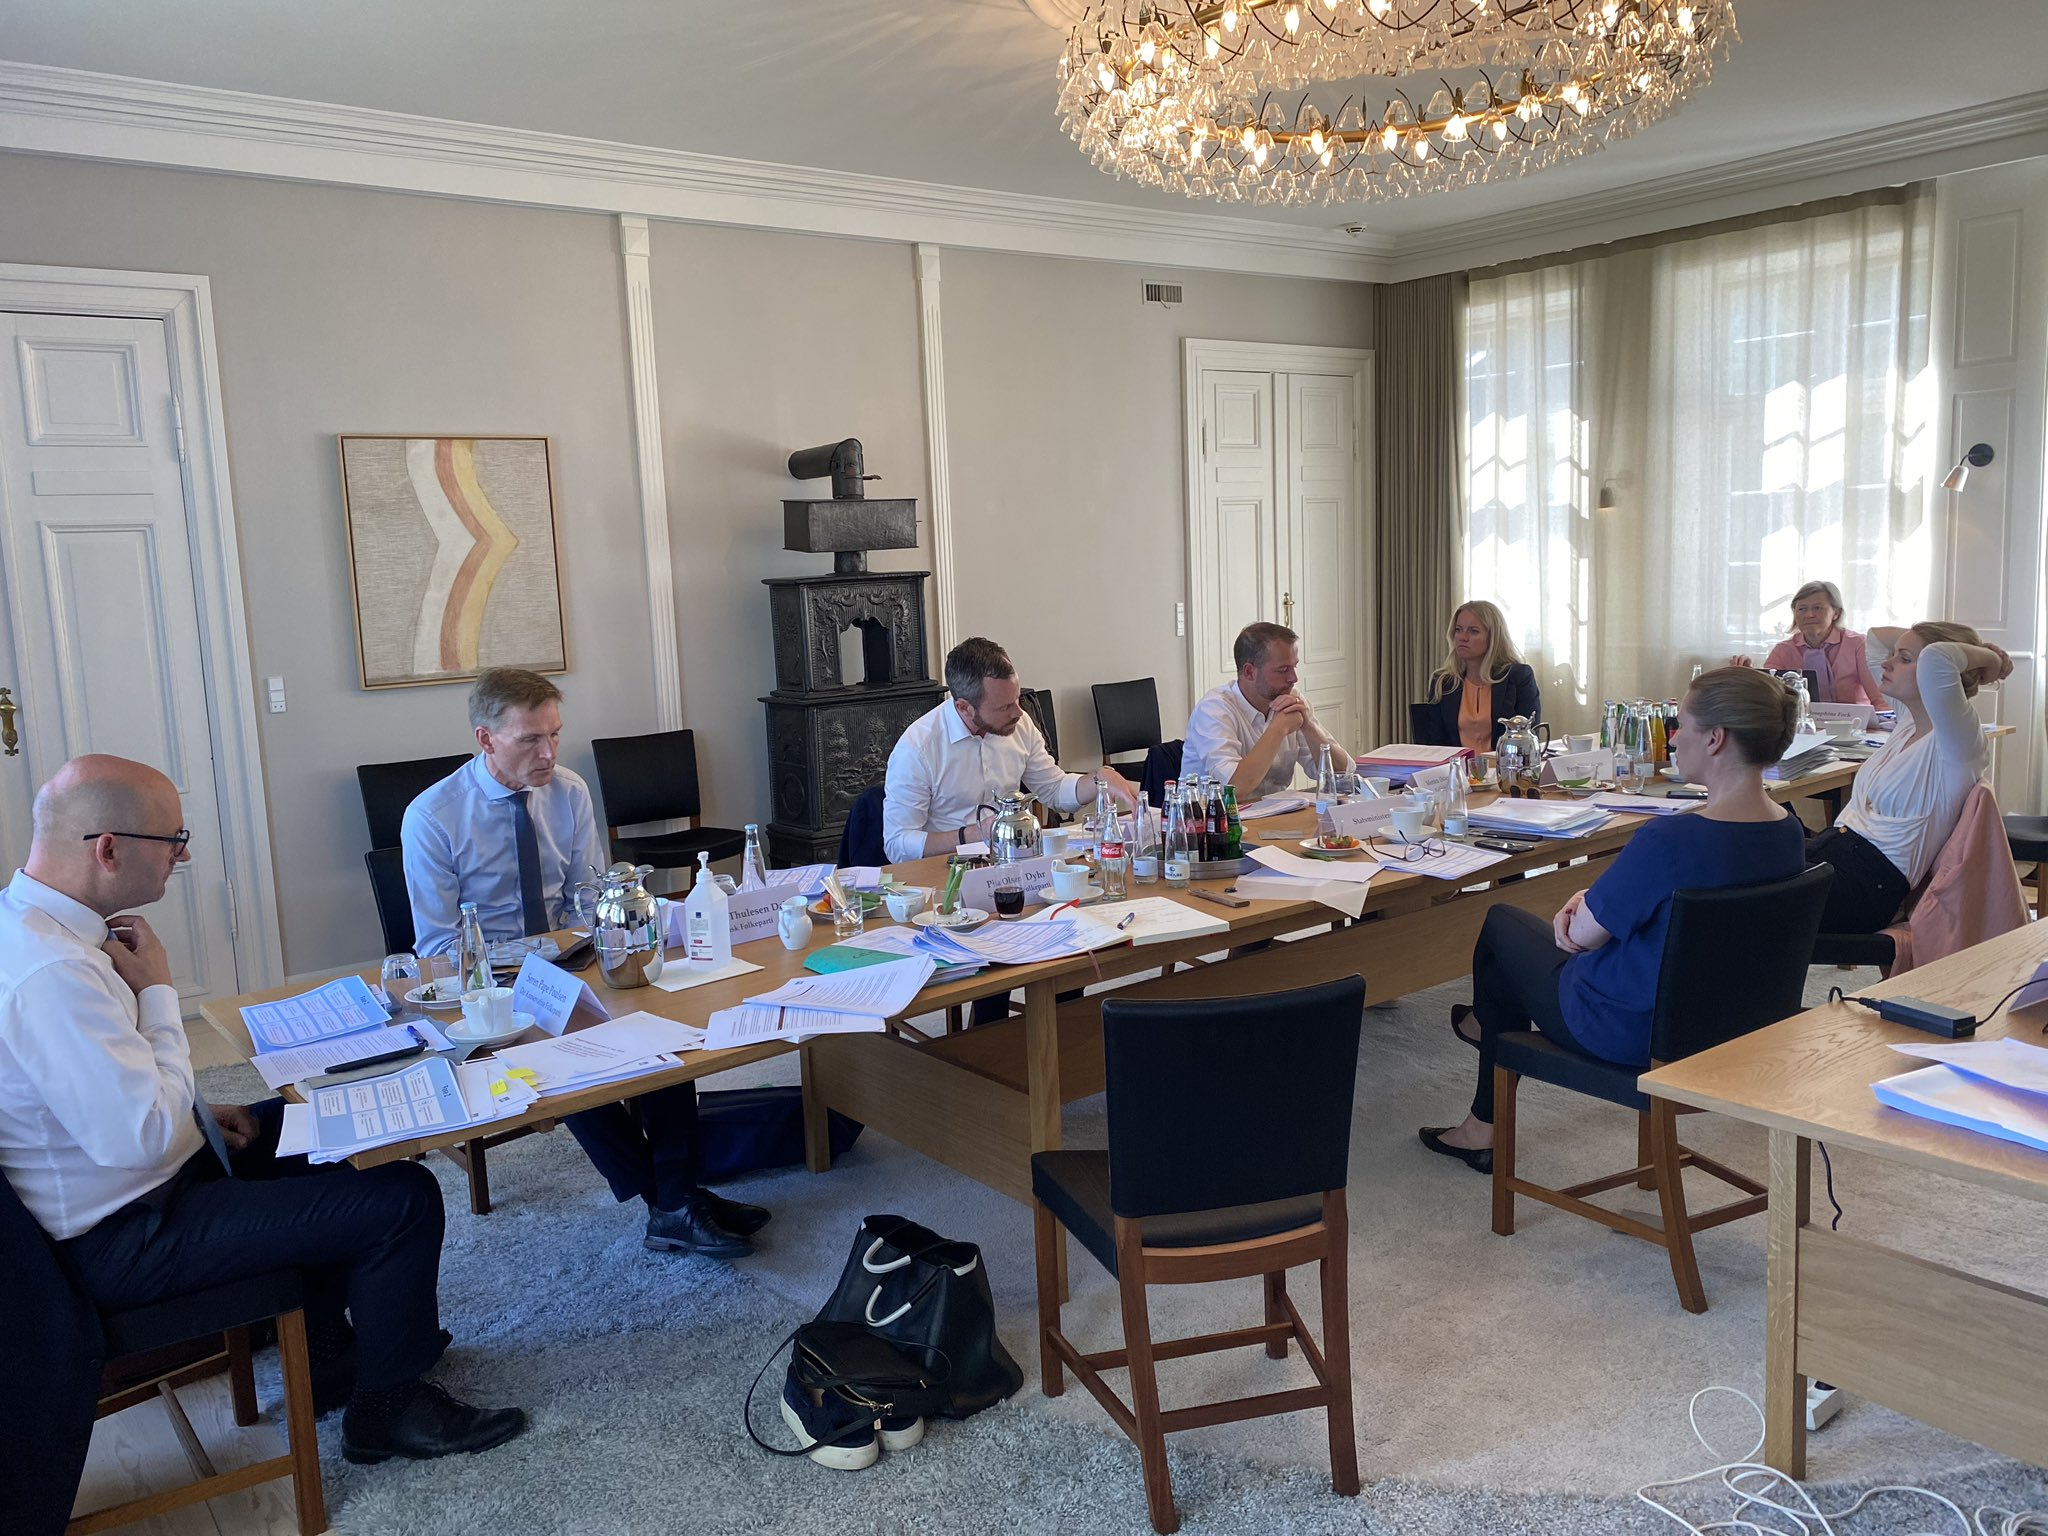 Partilederne fra Folketinget under torsdagens forhandlinger på Marienborg om Fase 2 af genåbningen. Twitterfoto fra SF's formand, Pia Olsen Dyhr.